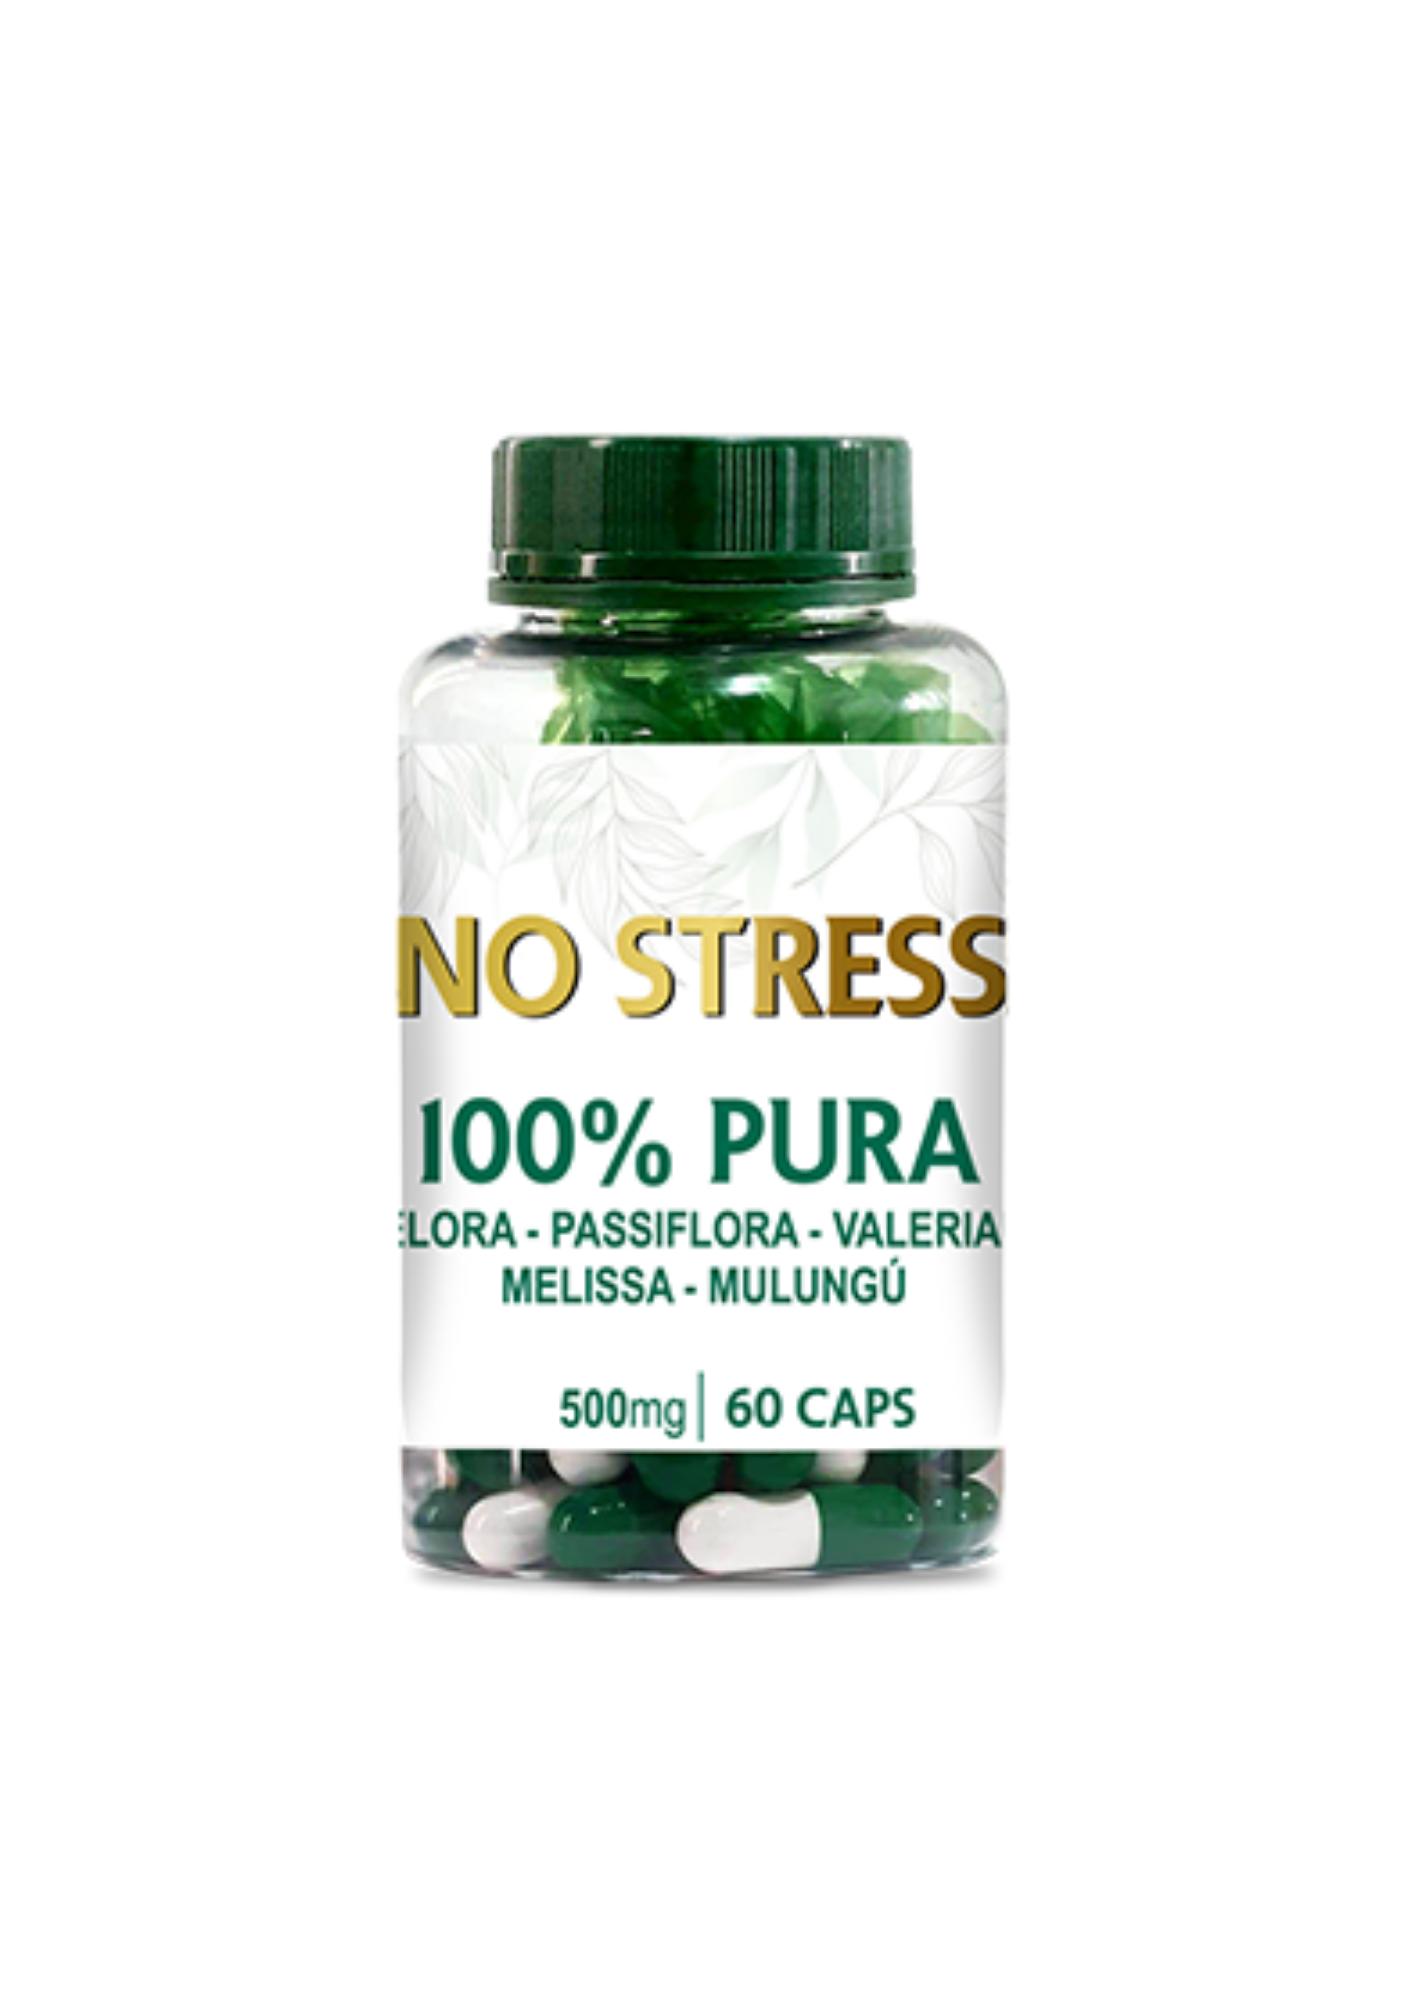 No Stress 500mg - Cápsula Composta<br>Linha de Cápsulas Fitoterápicas - R$ 62,99